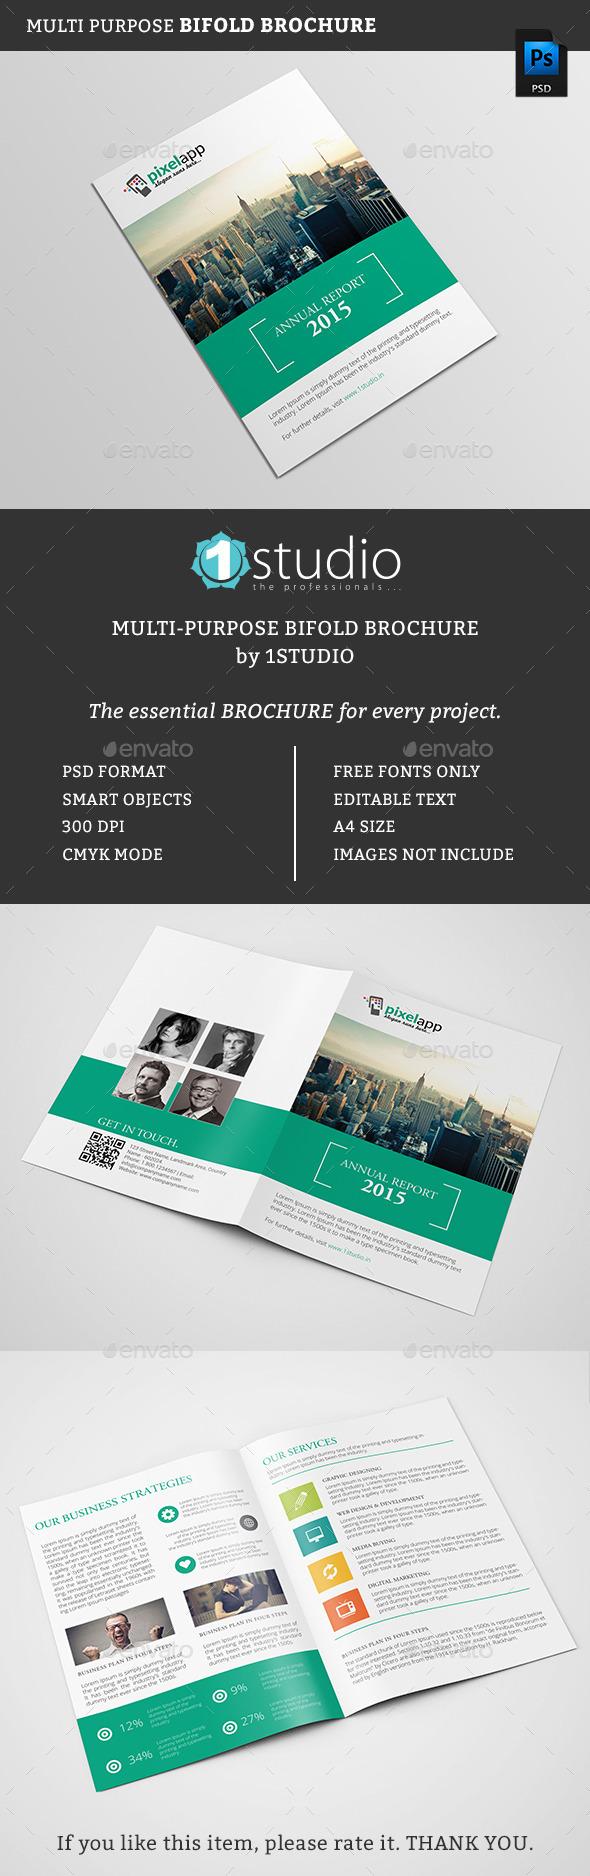 Bifold Brochure 04 - Corporate Brochures